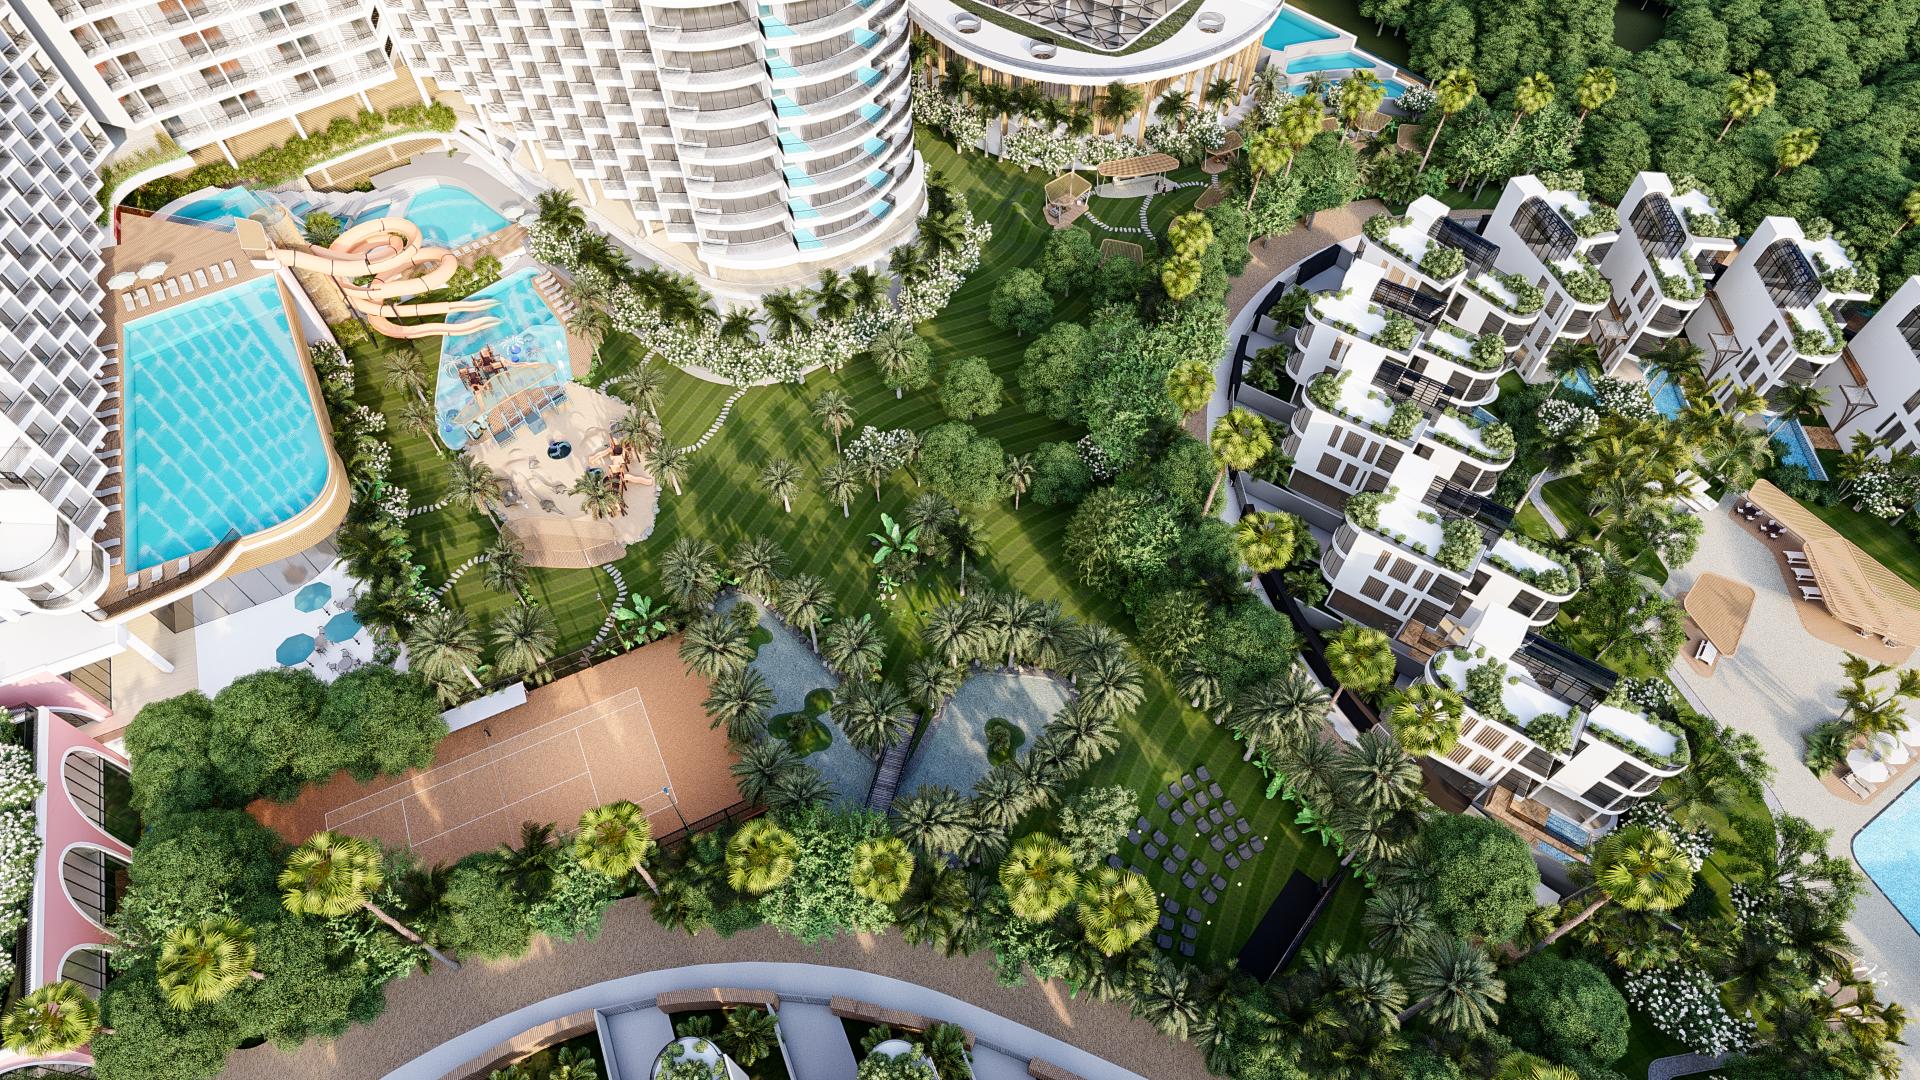 Charm Long Hải Resort – Khởi động hành trình kiến tạo những biểu tượng của Charm Group - Ảnh 8.